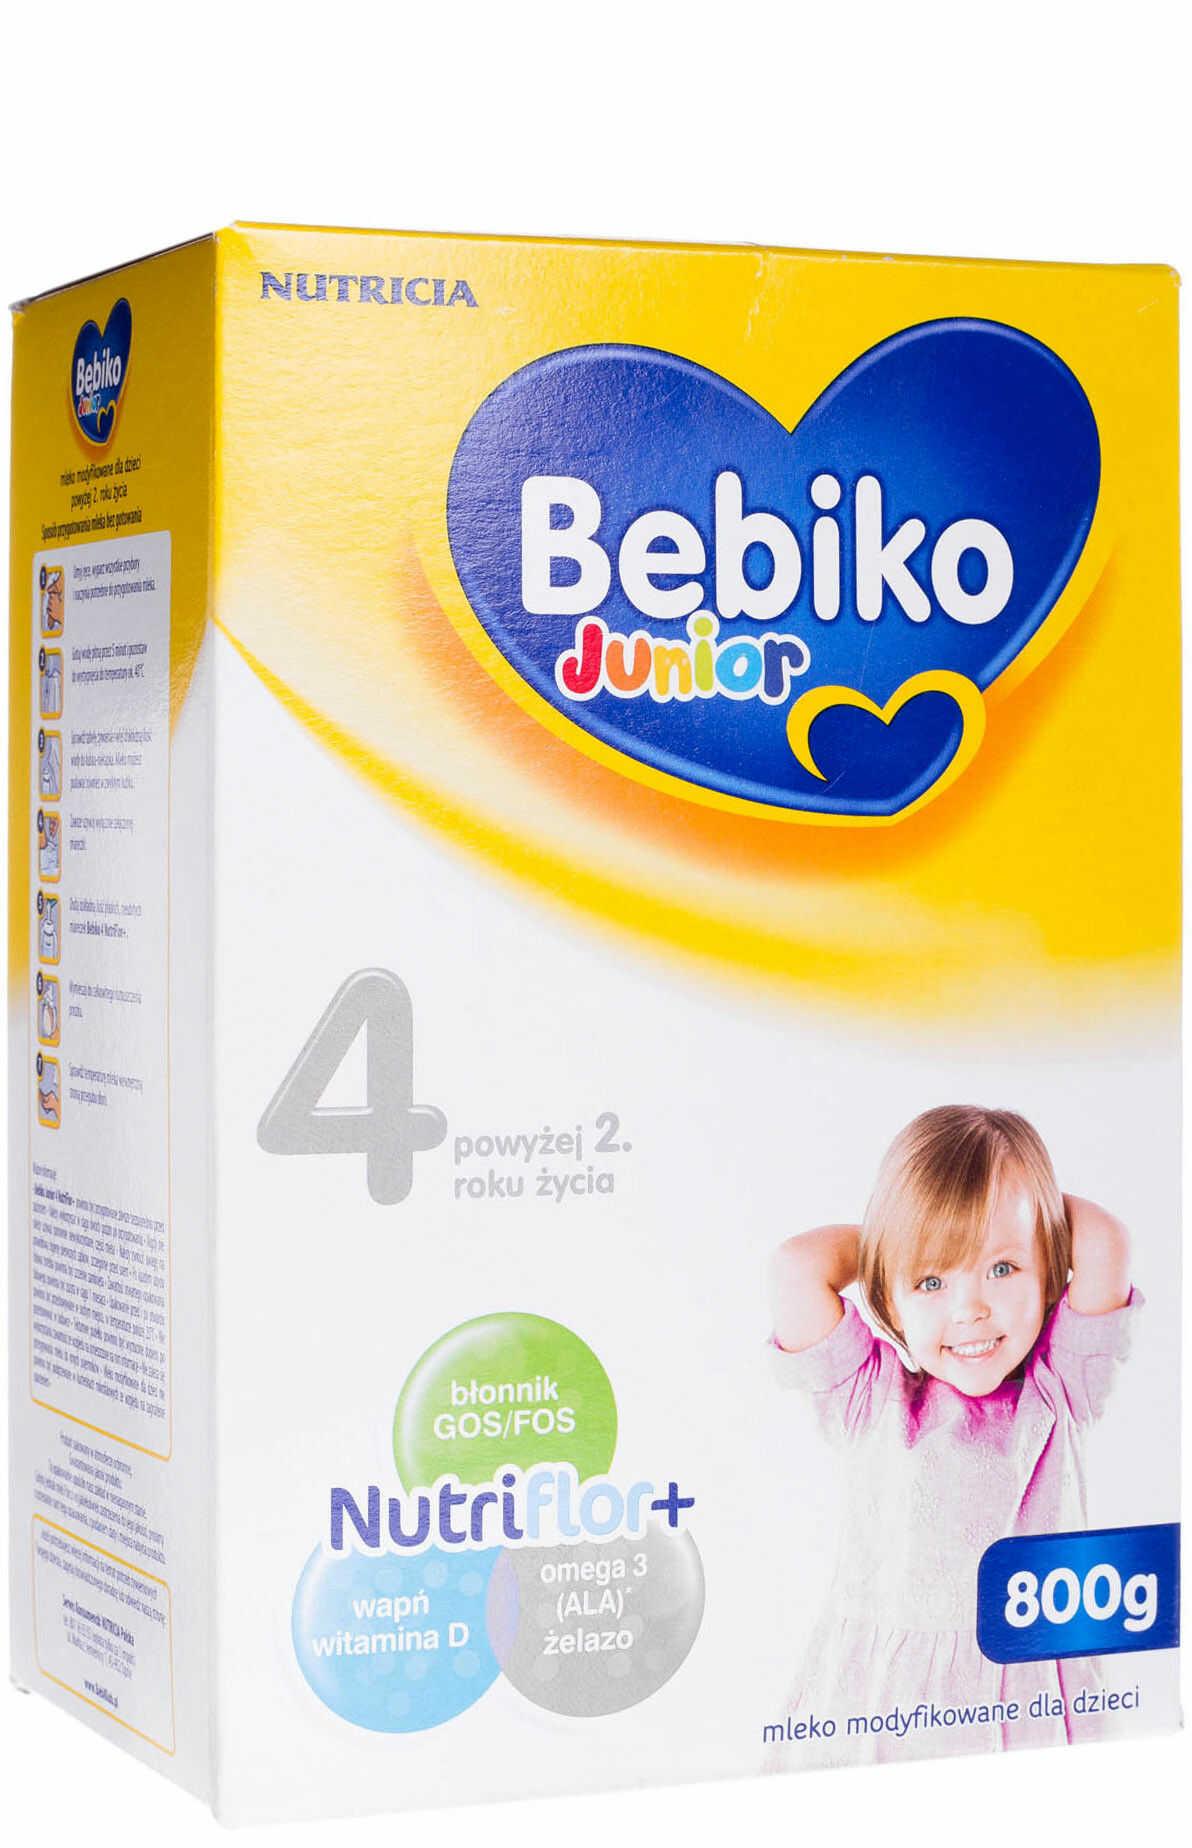 Bebiko Junior 4 mleko modyfikowane powyżej 2 roku życia proszek 800 g